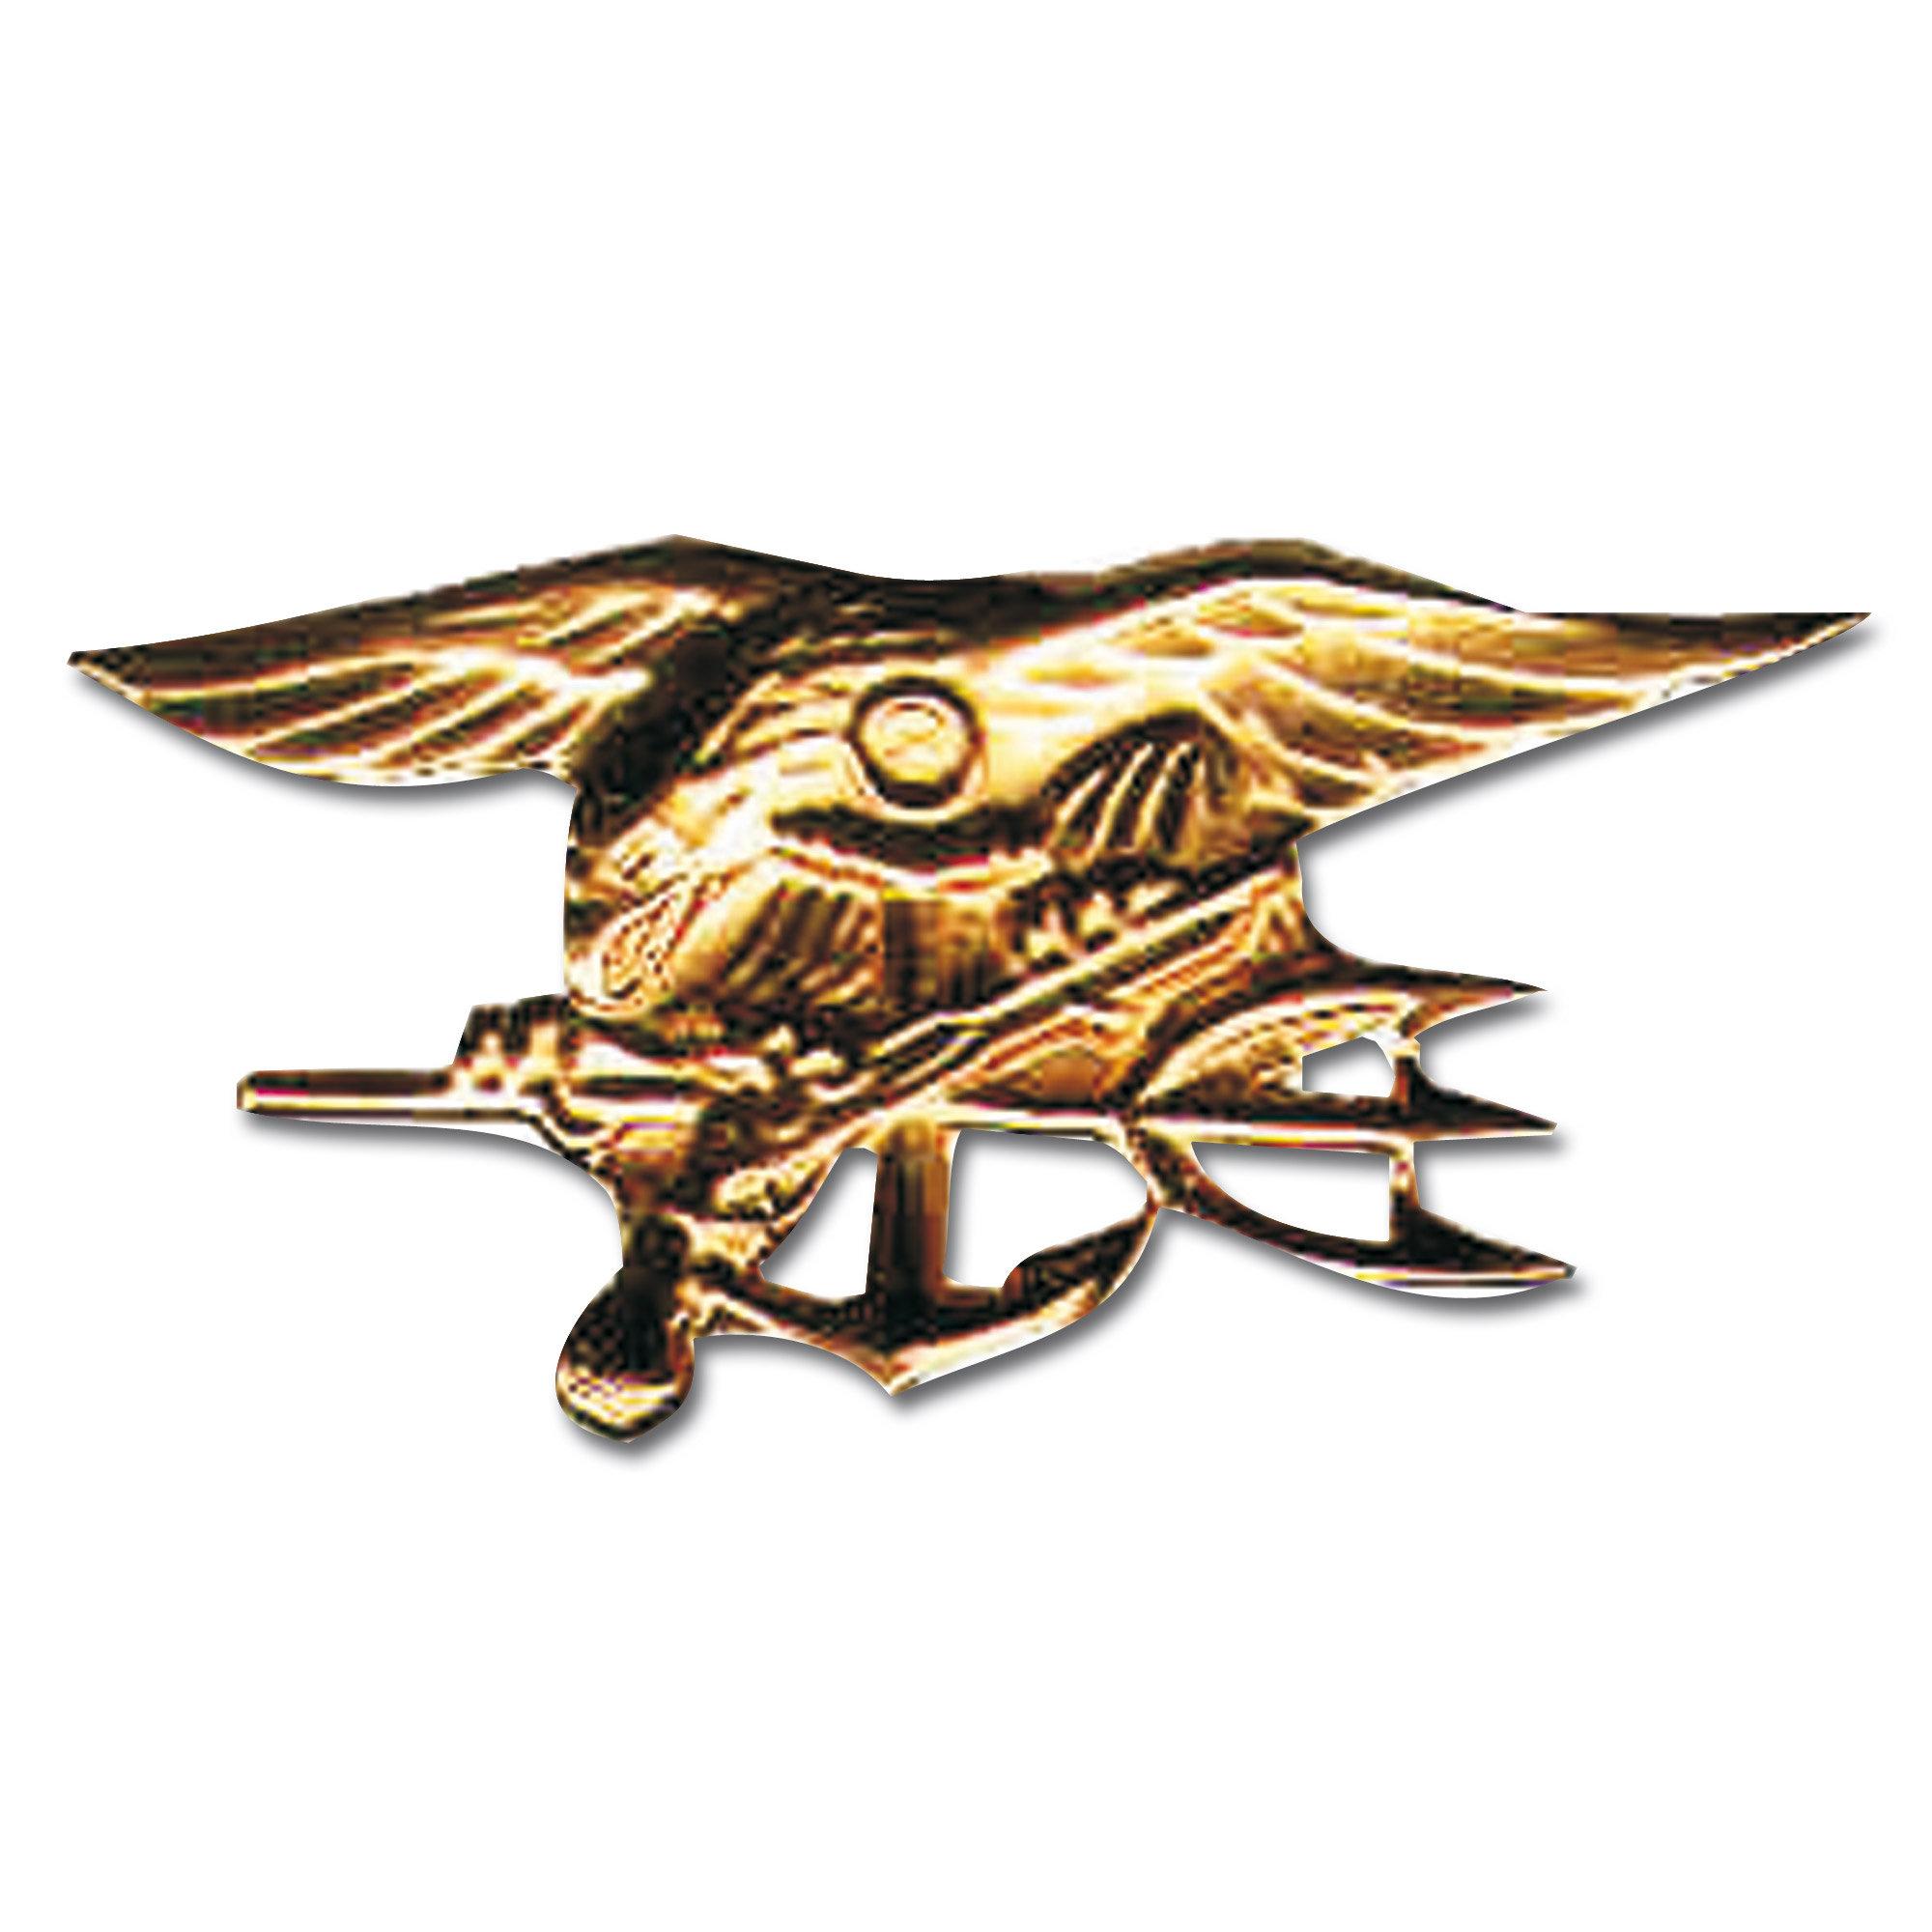 Mini Pin U.S. Seal gold